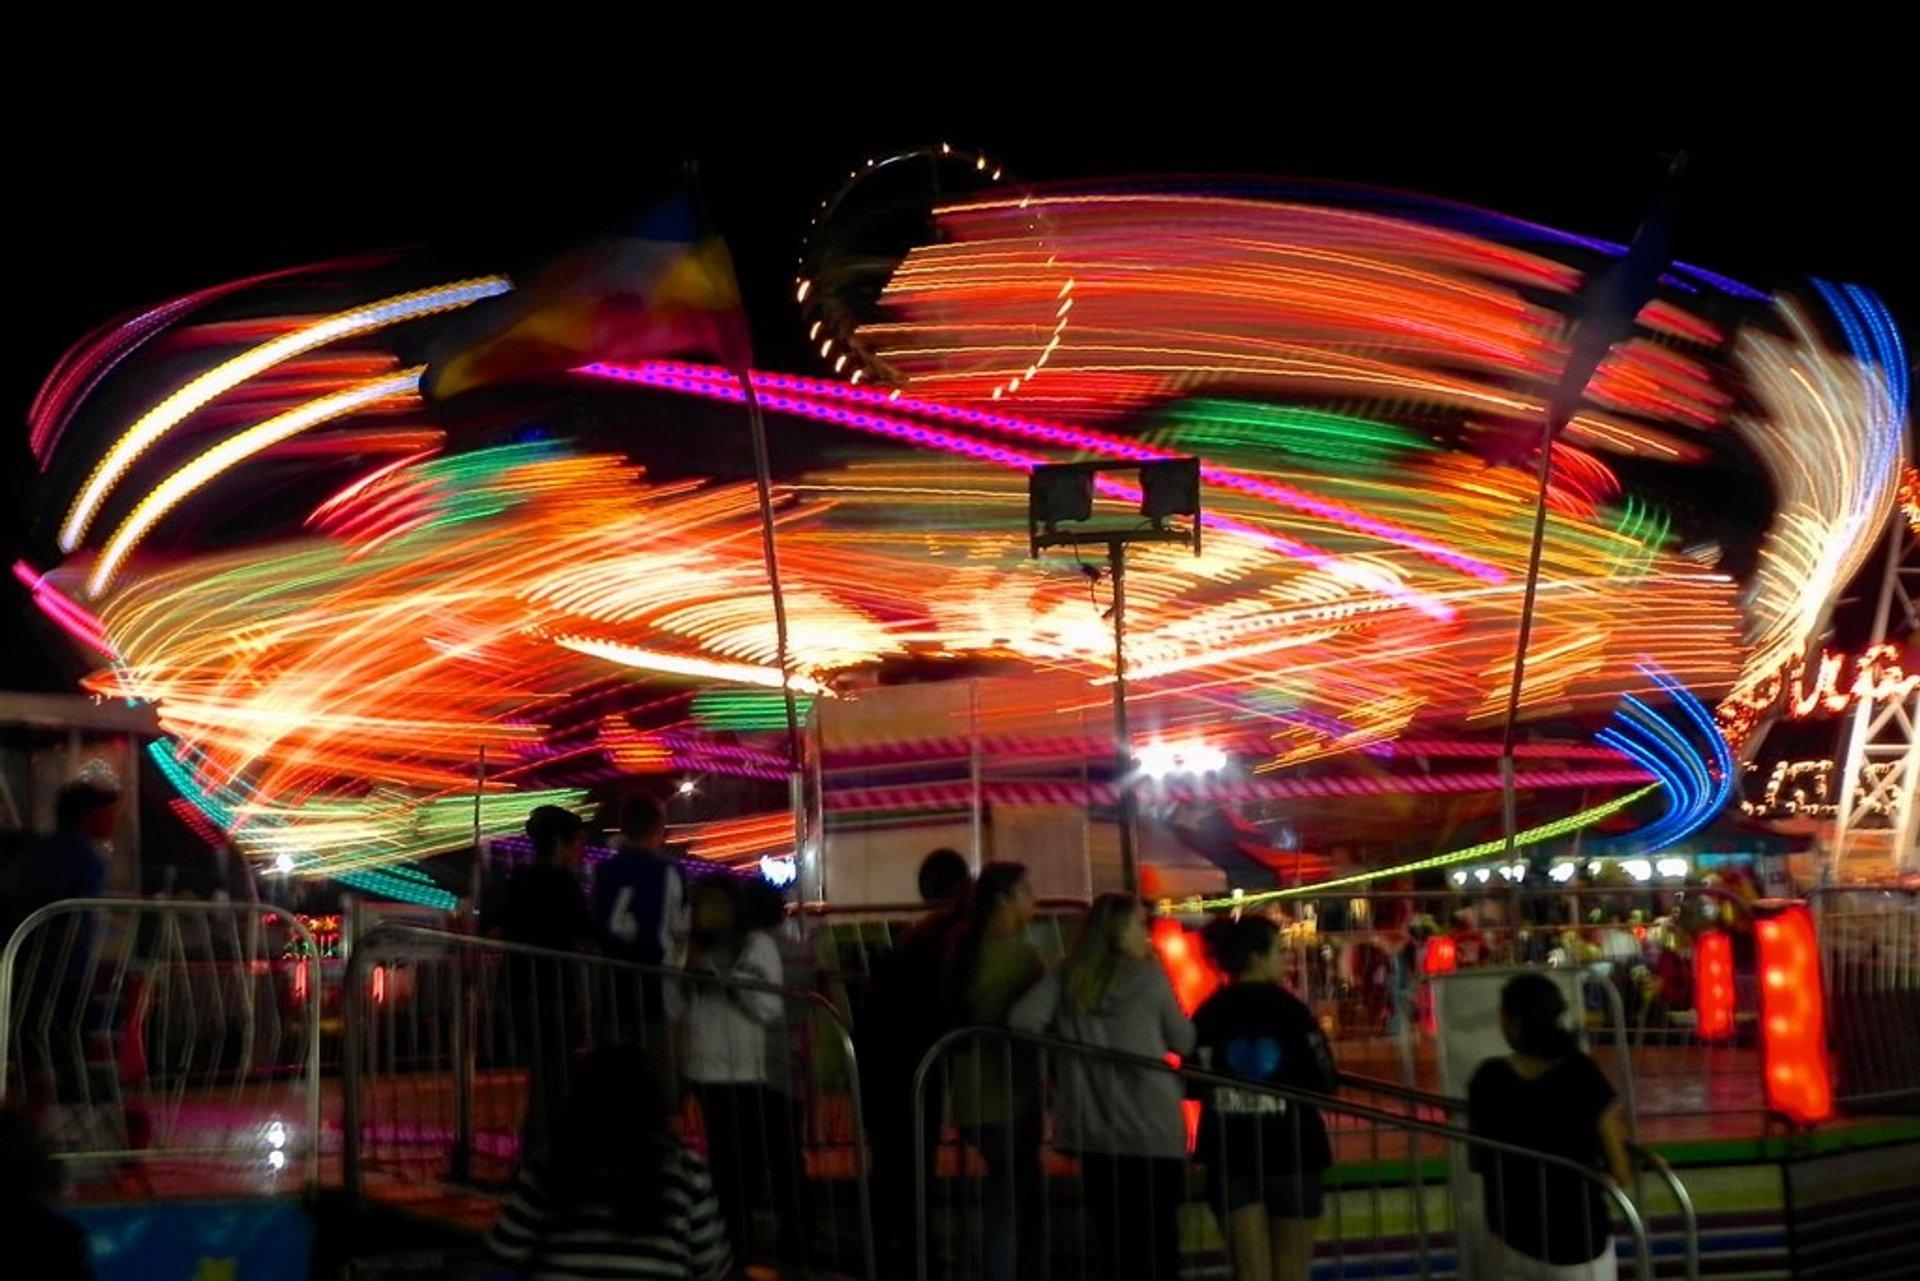 South Florida Fair 2021 - Dates & Map Regarding Florida State Fairgrounds Events 2021